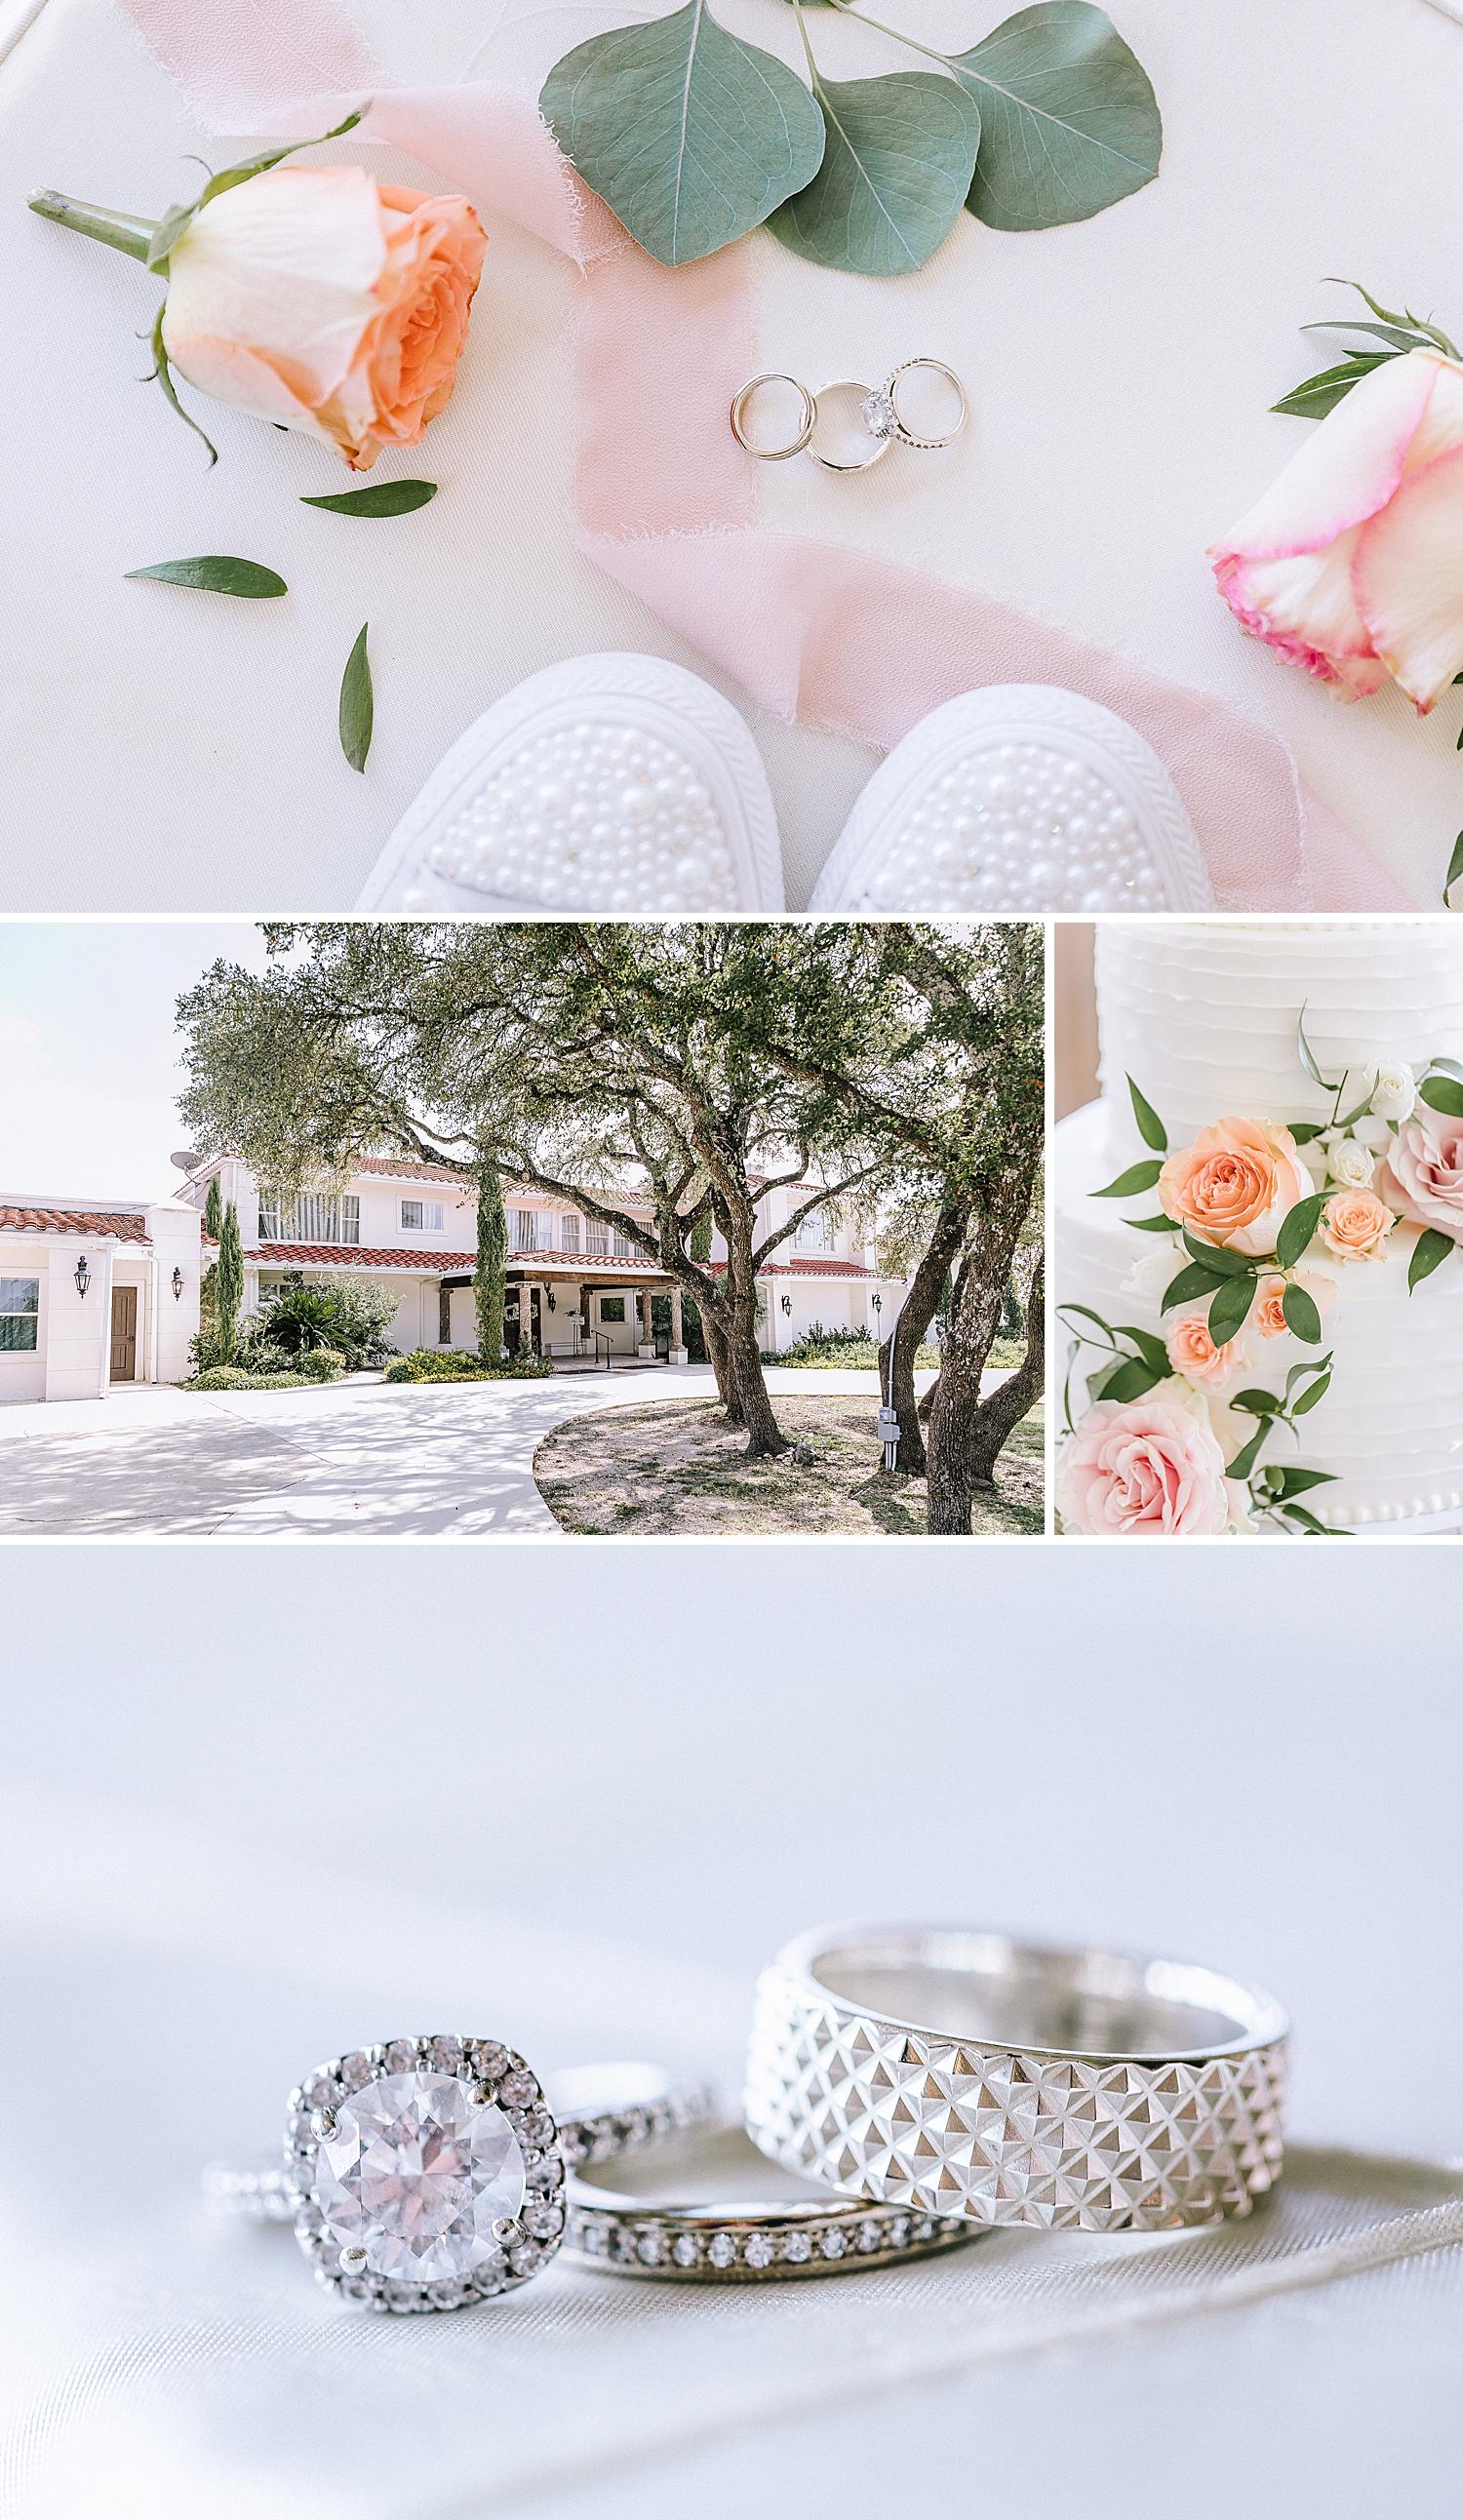 Carly-Barton-Photography-The-Villa-at-Cielo-Vista-Blush-Gold-White-Wedding-Photos_0094.jpg